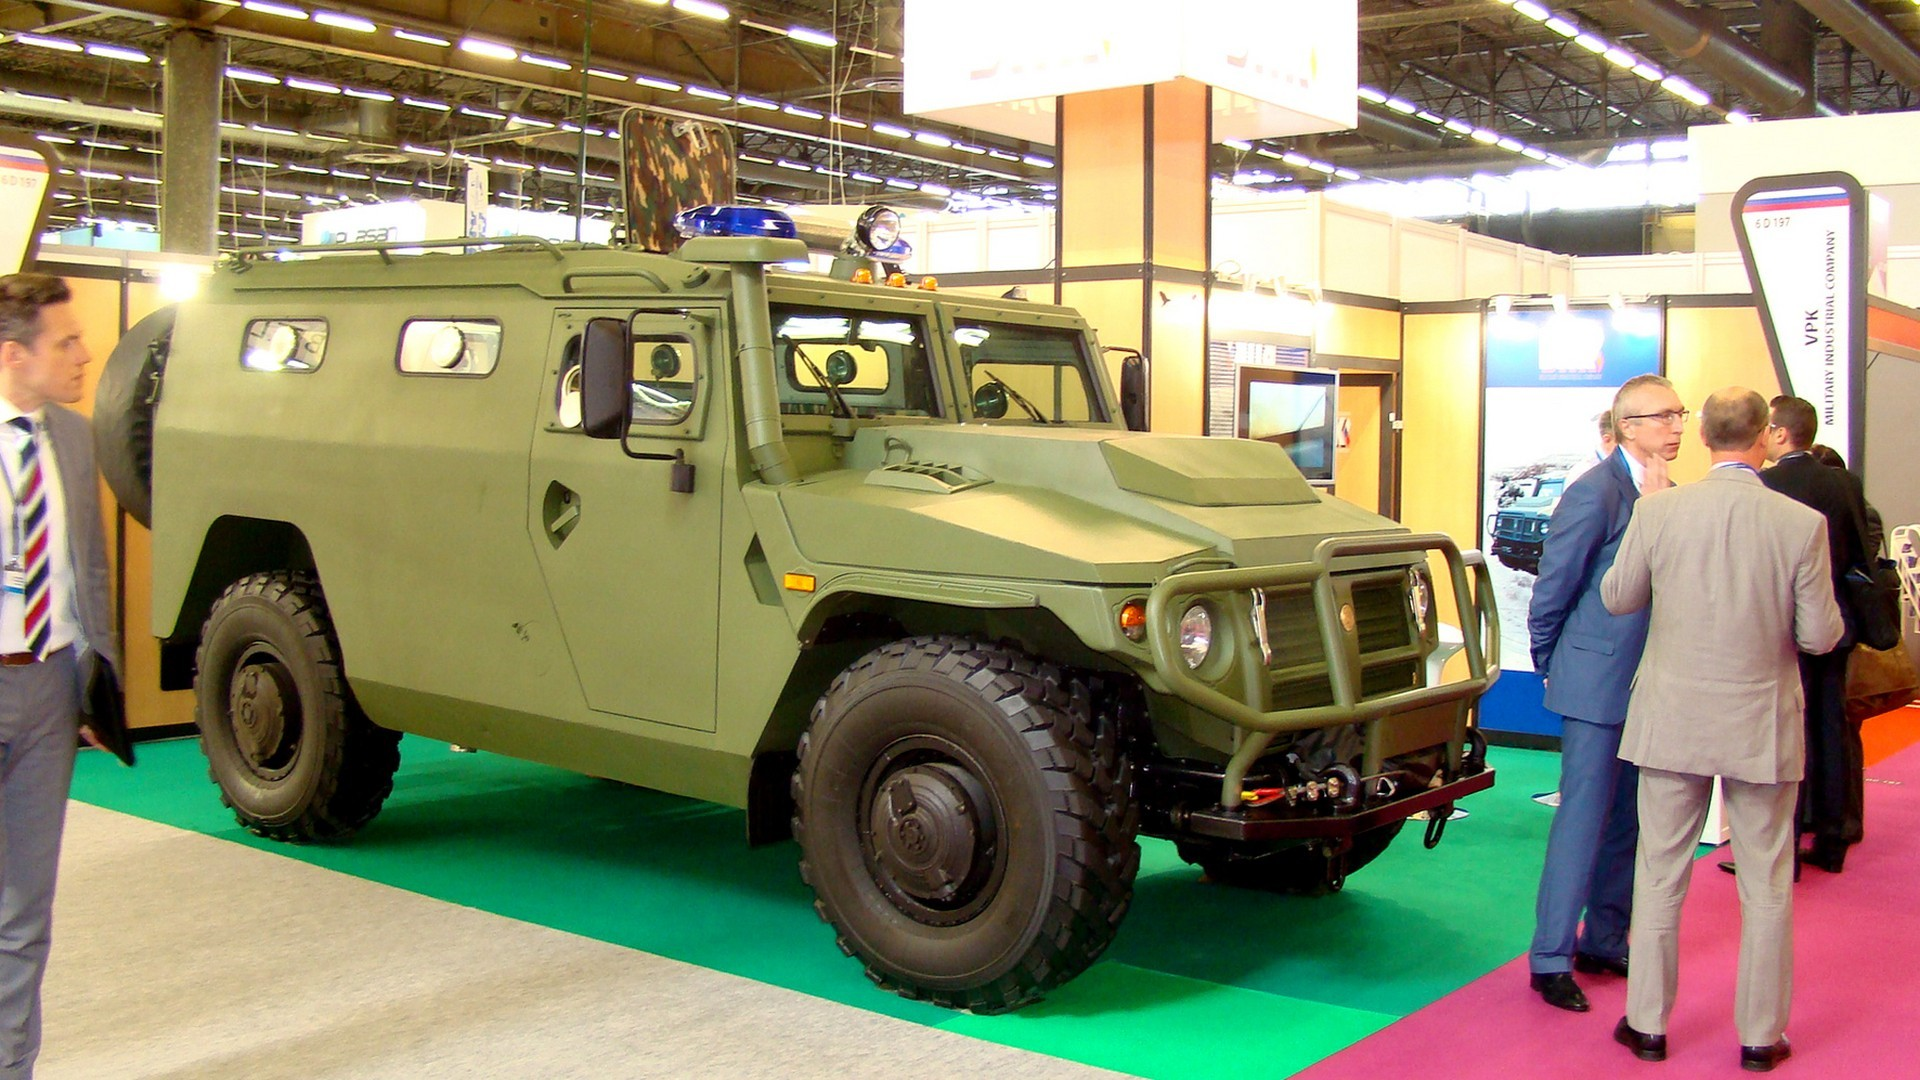 Бронемашина ВПК-233136 «Тигр» на стенде Военно-промышленной компании